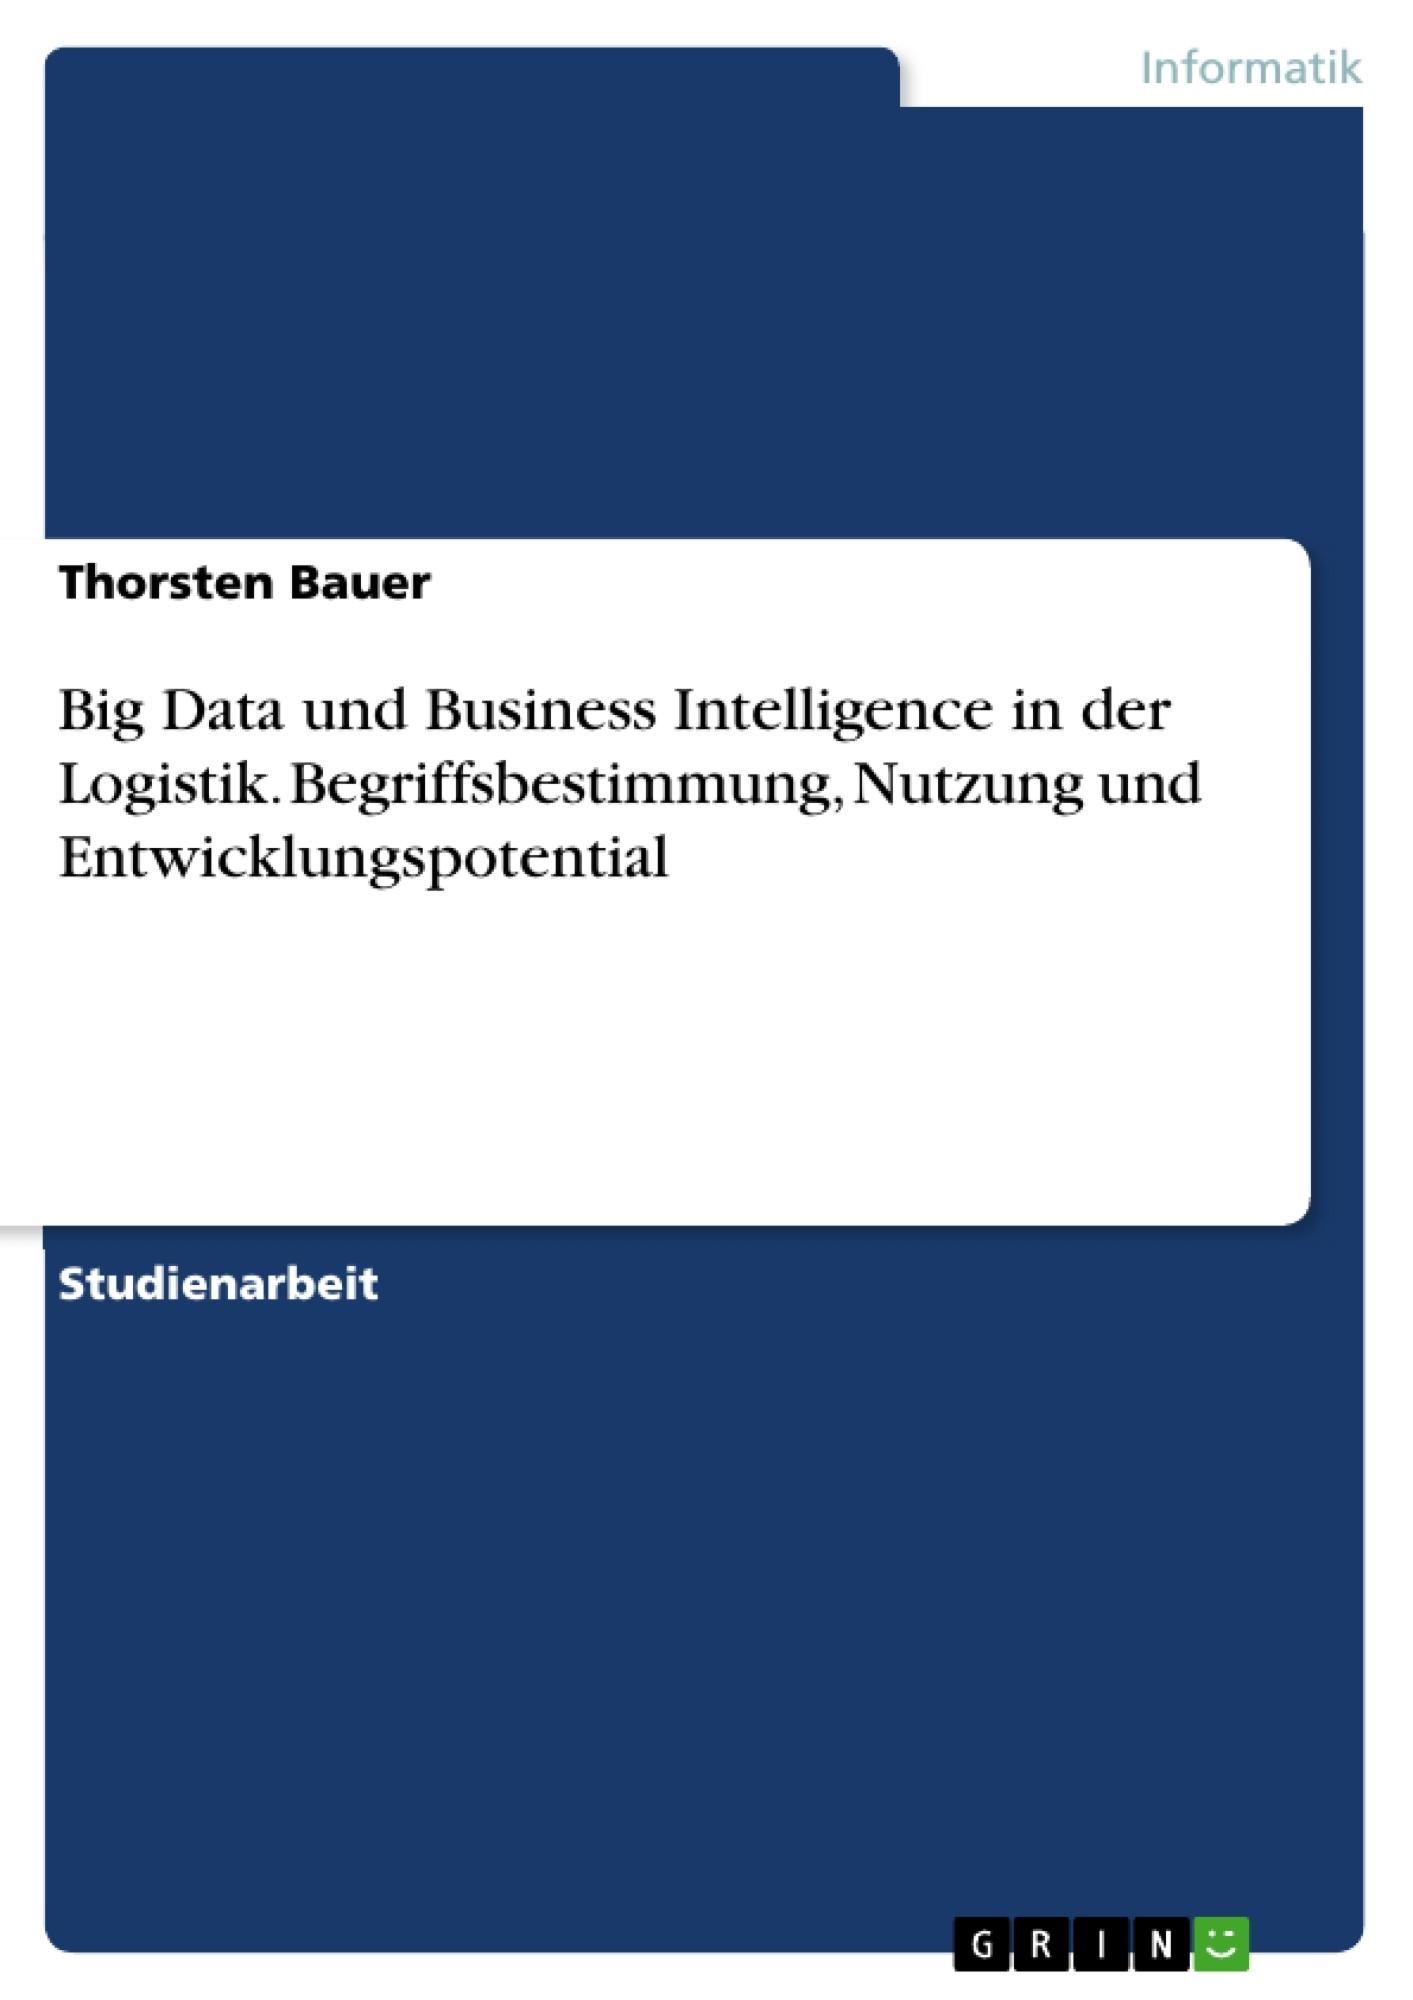 Titel: Big Data und Business Intelligence in der Logistik. Begriffsbestimmung, Nutzung und Entwicklungspotential